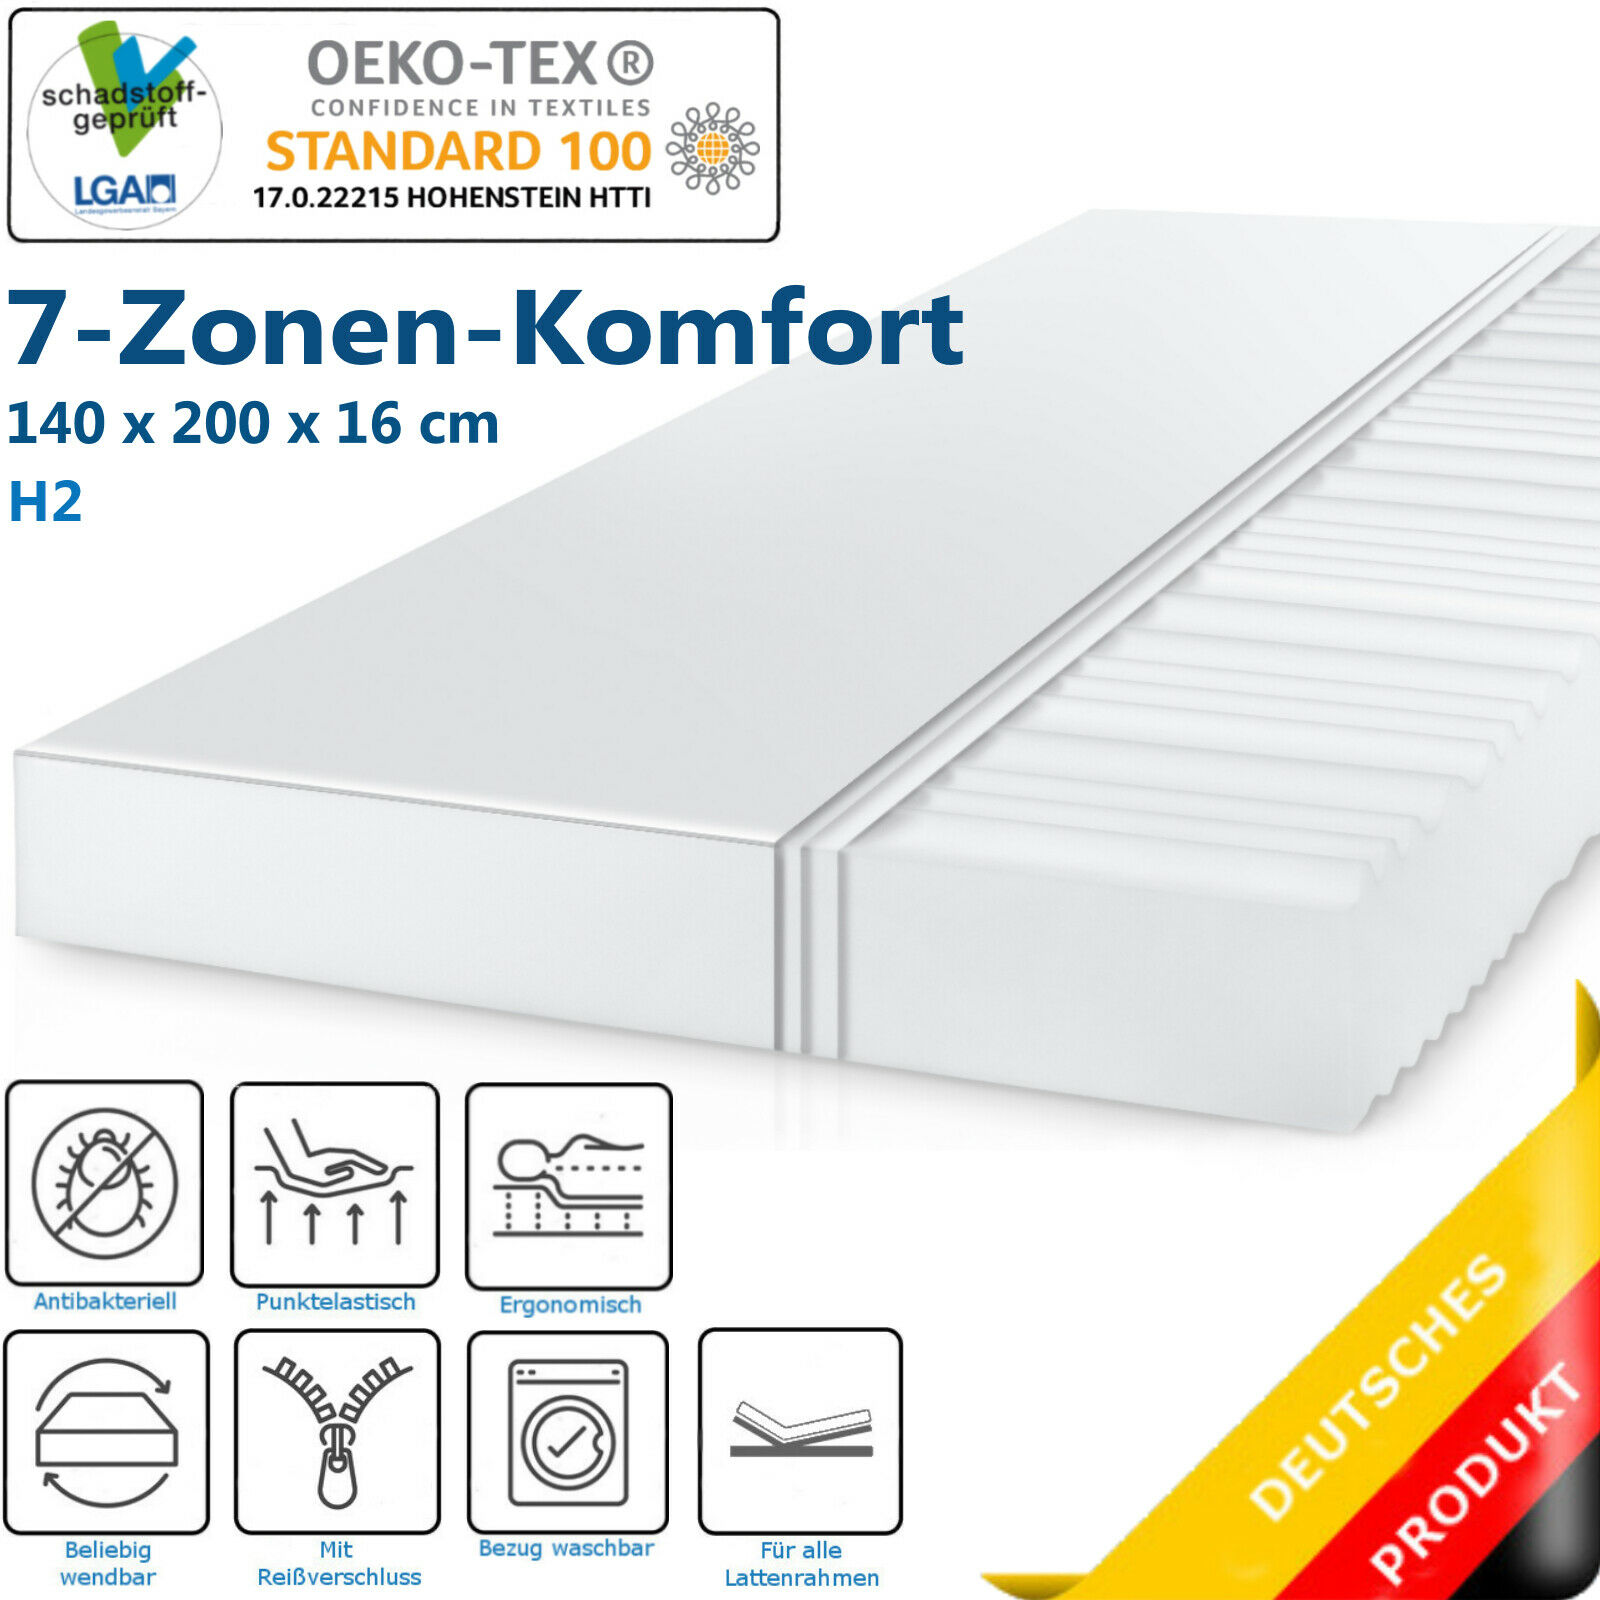 7 Zonen Komfort Kaltschaum Matratze von Midori 140 x 200 cm H2 16 cm